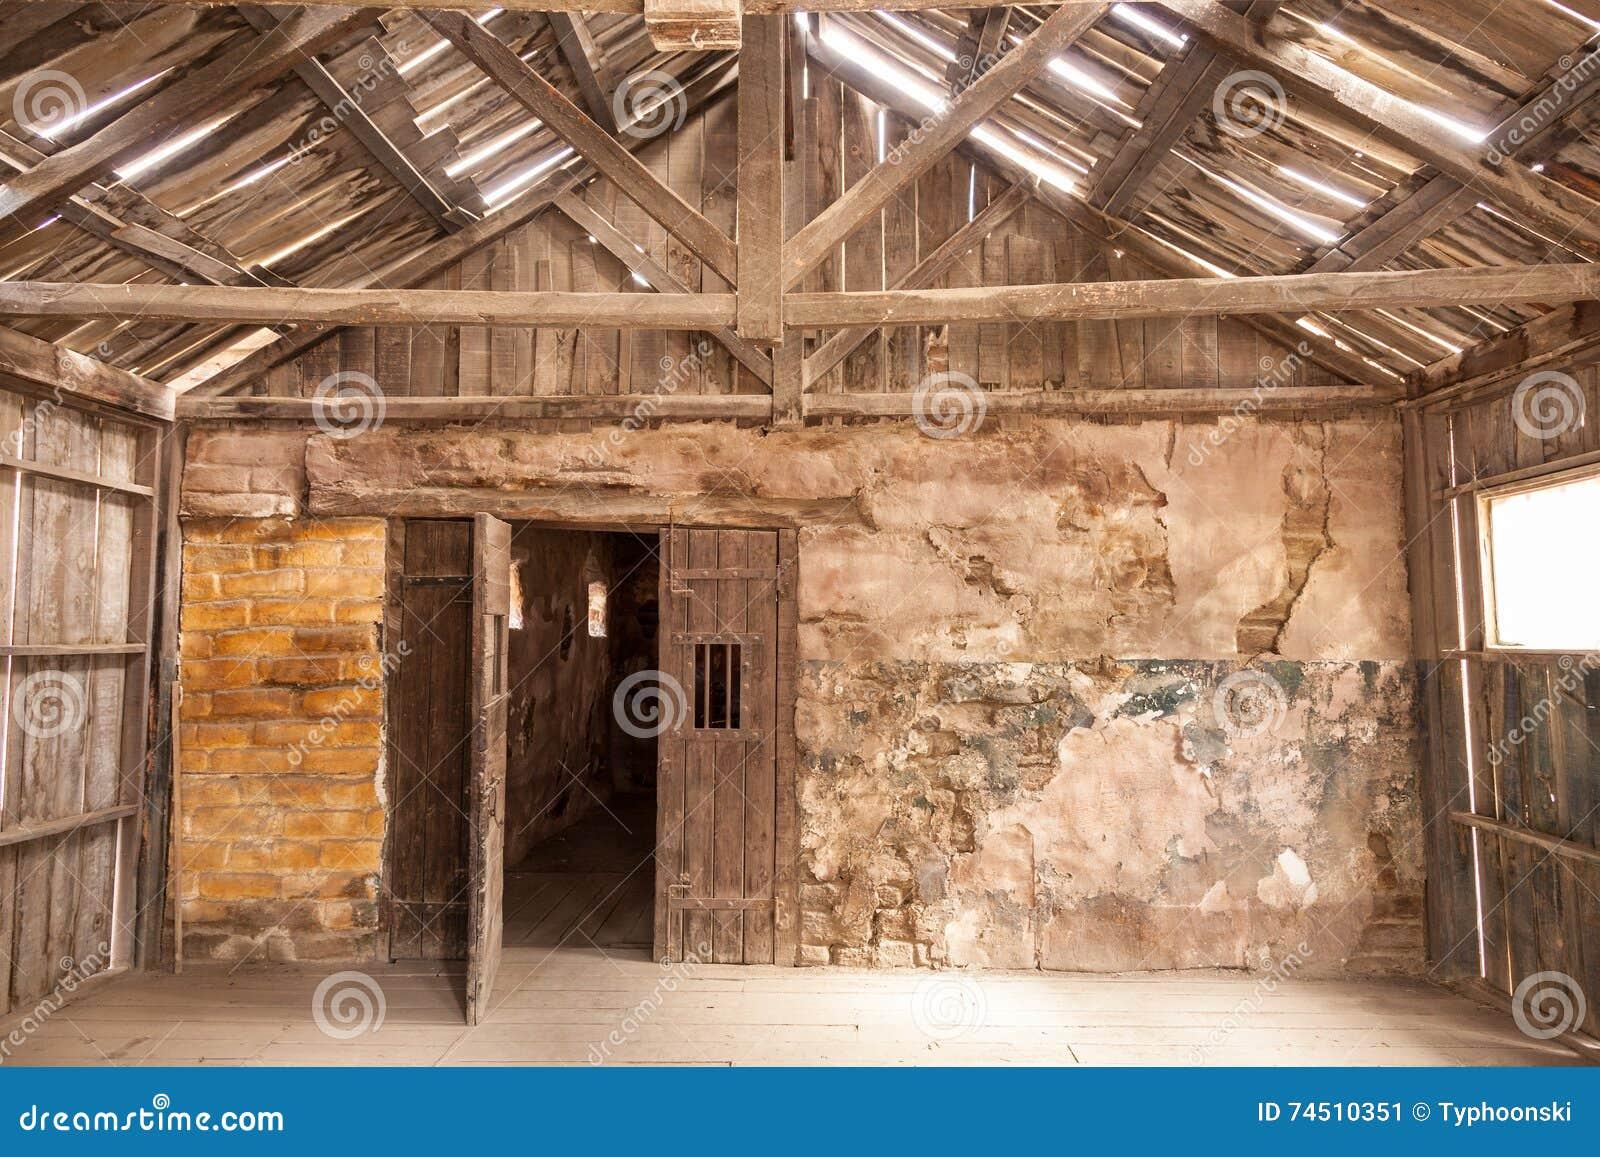 图片 包括有 房子, 西部, 空间, 土气, 农村, 客舱, 内部, 屋顶